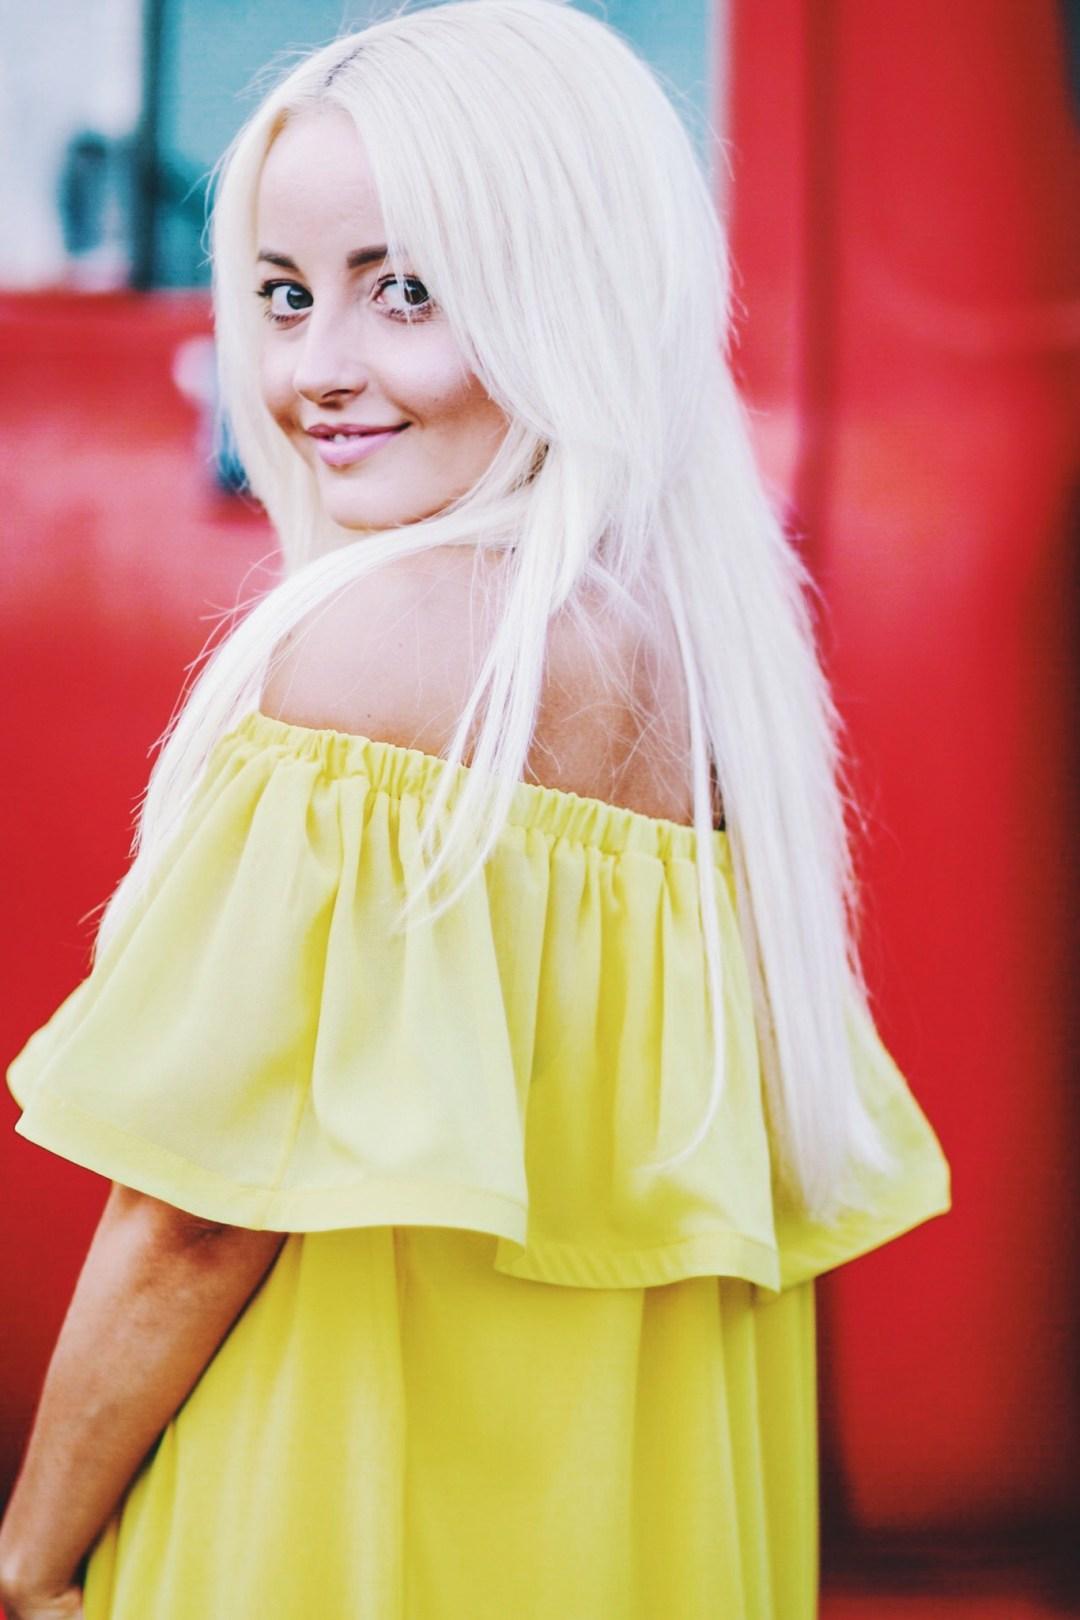 Alena Gidenko of modaprints.com shares an off the shoulder yellow dress for Summer